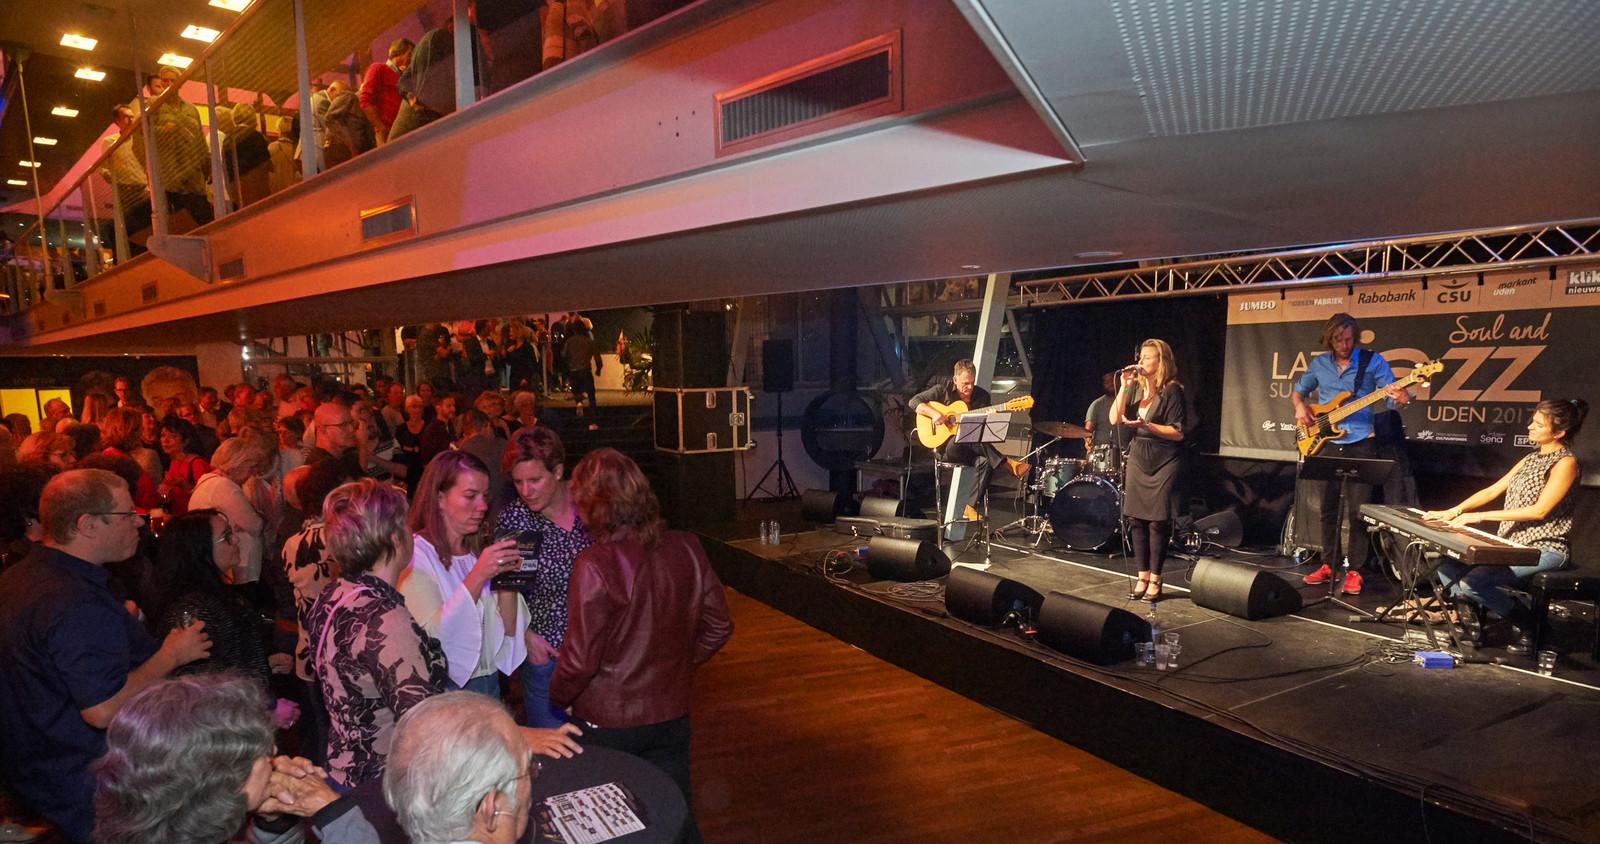 Genoeg volk bij het jazzfestival Uden. Maar toch te weinig om in 2018 opnieuw te organiseren. Op de foto de band Muito Bossa.